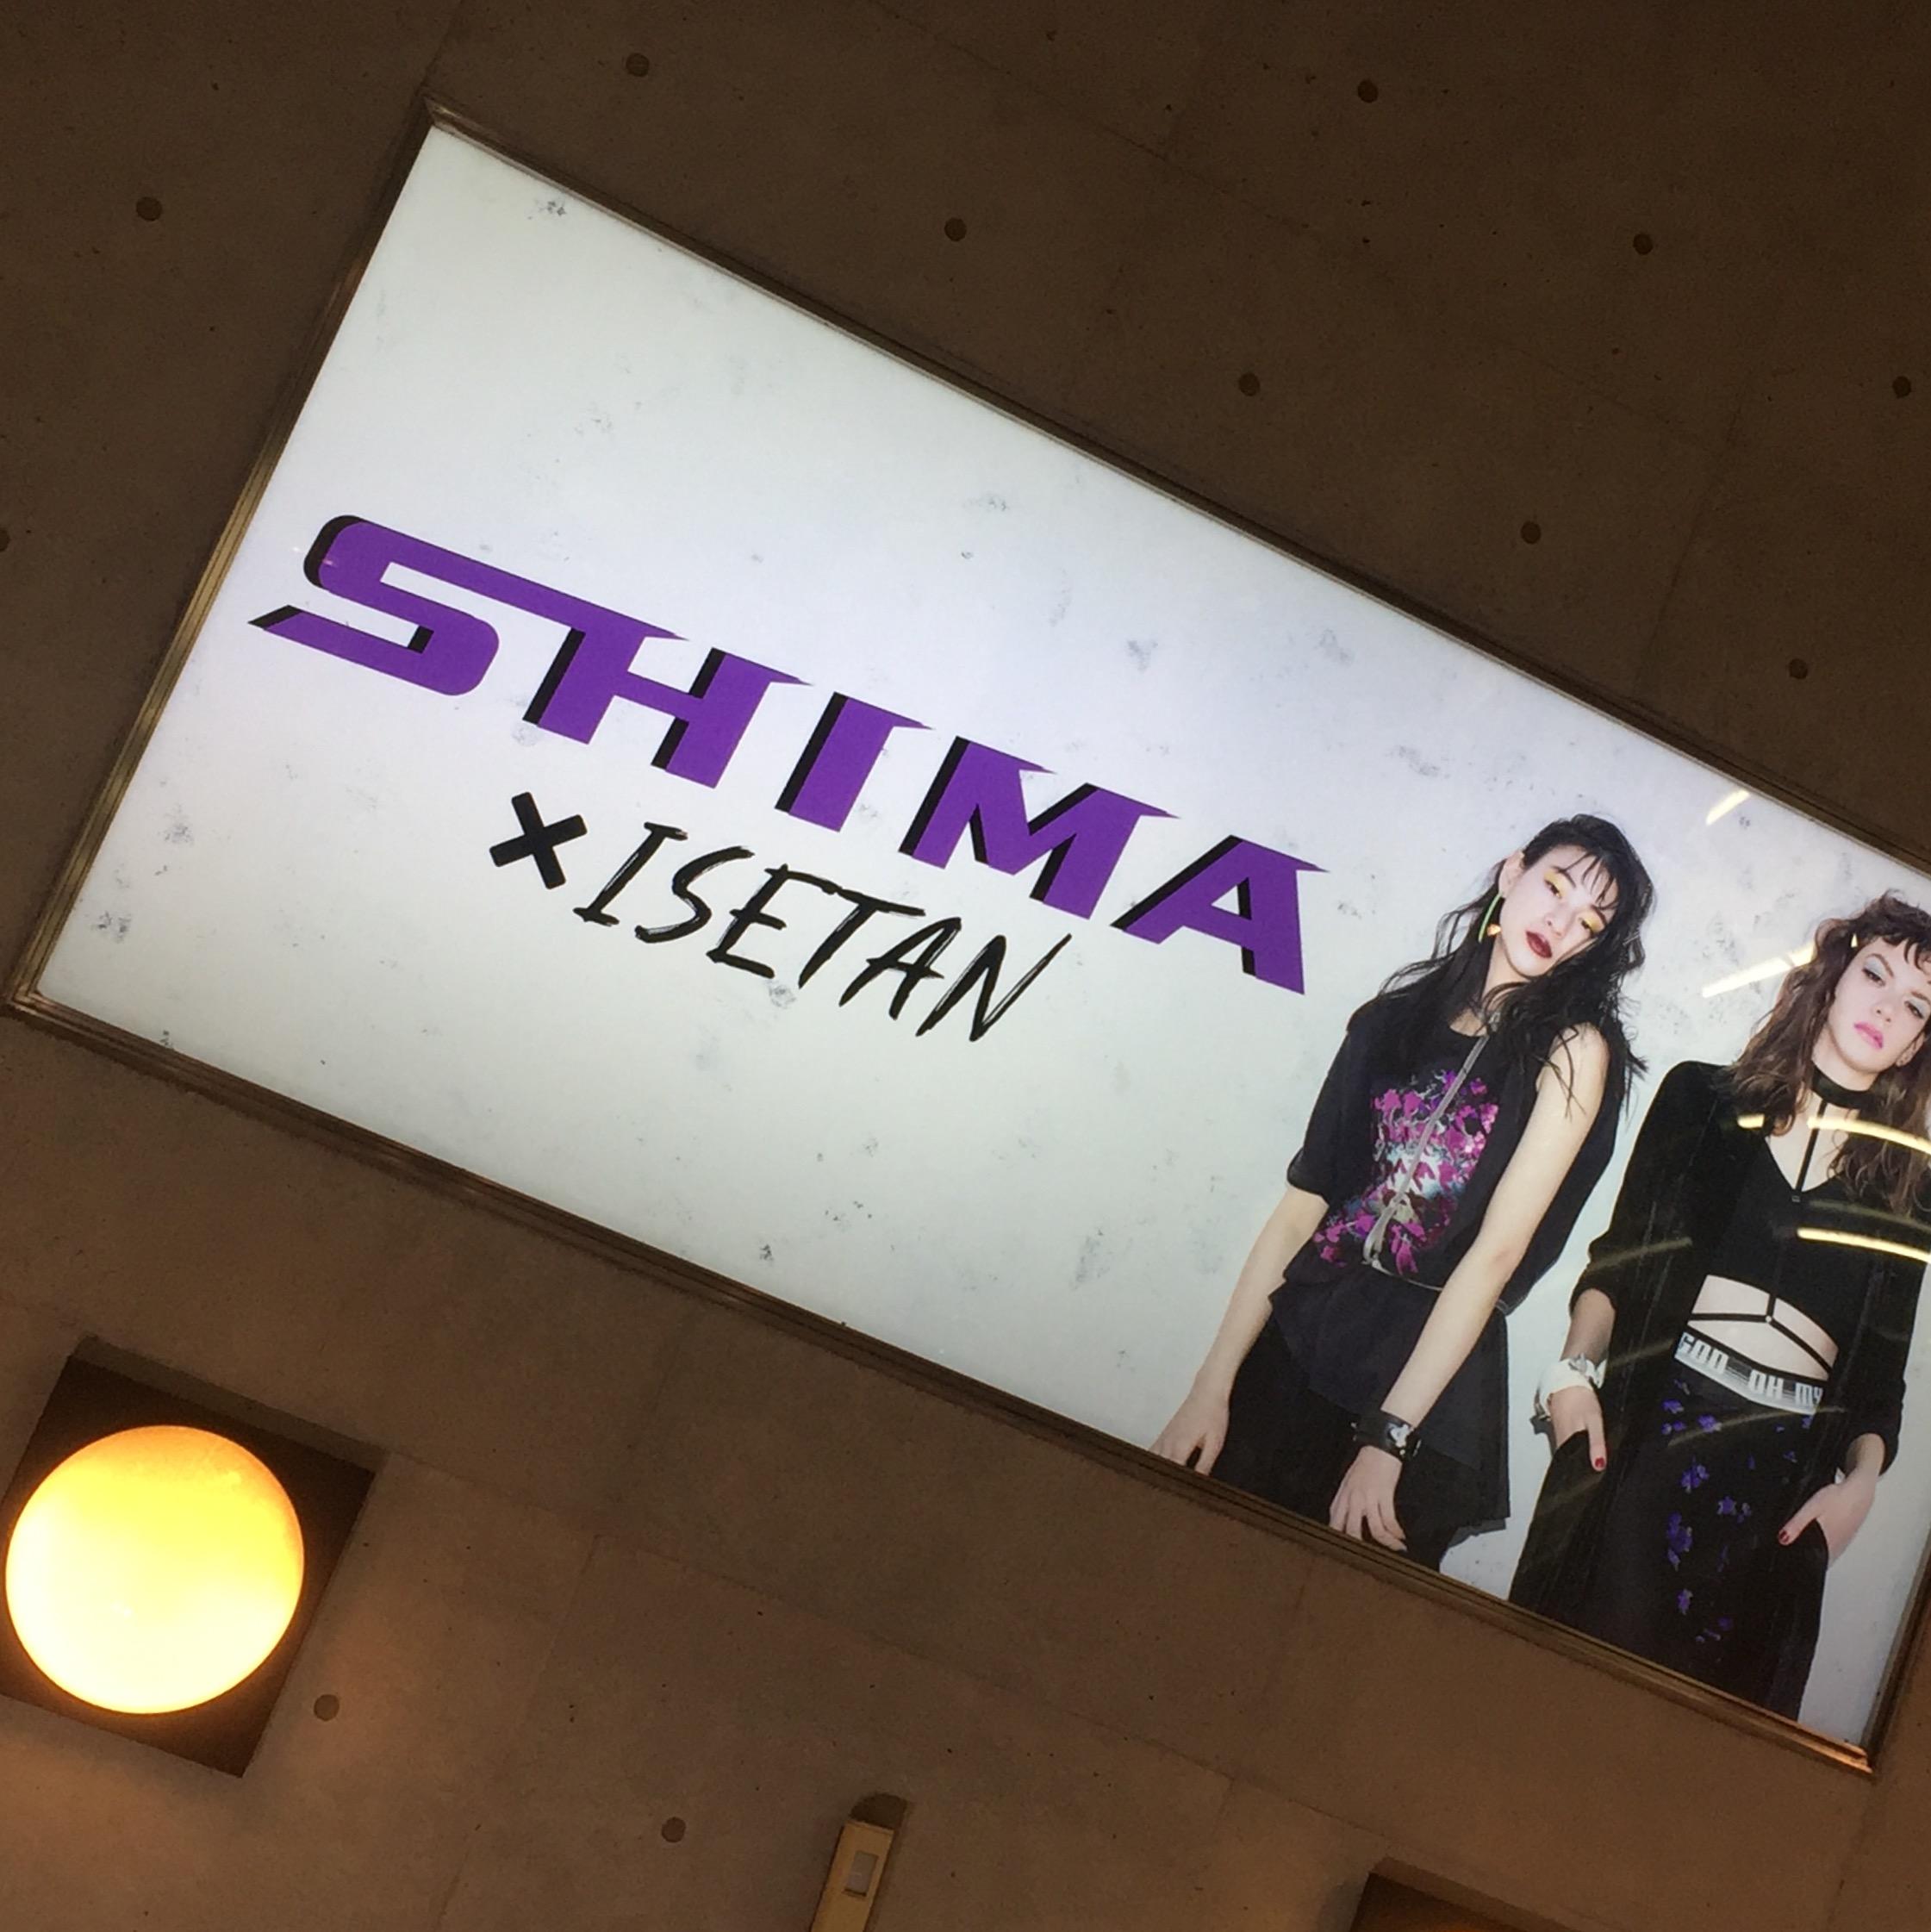 憧れの#SHIMA @ 吉祥寺で、スタイリングしてもらったよ❤️❤️❤️#shima #ニュアンス #抜け感